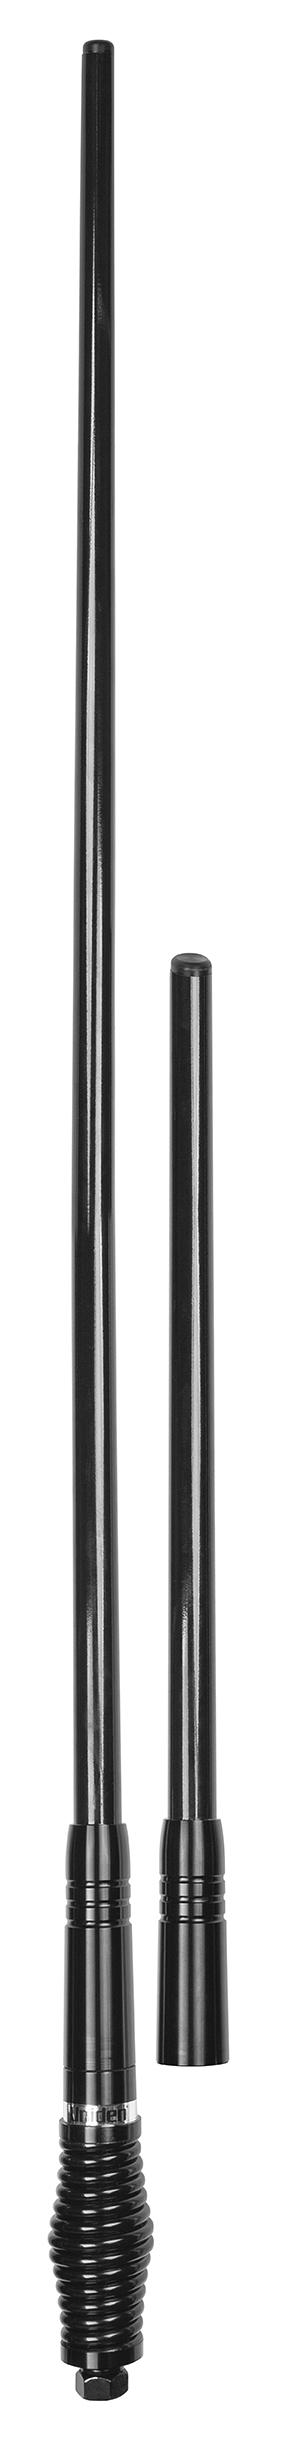 Uniden - AT970BK Twin Land Antennas -